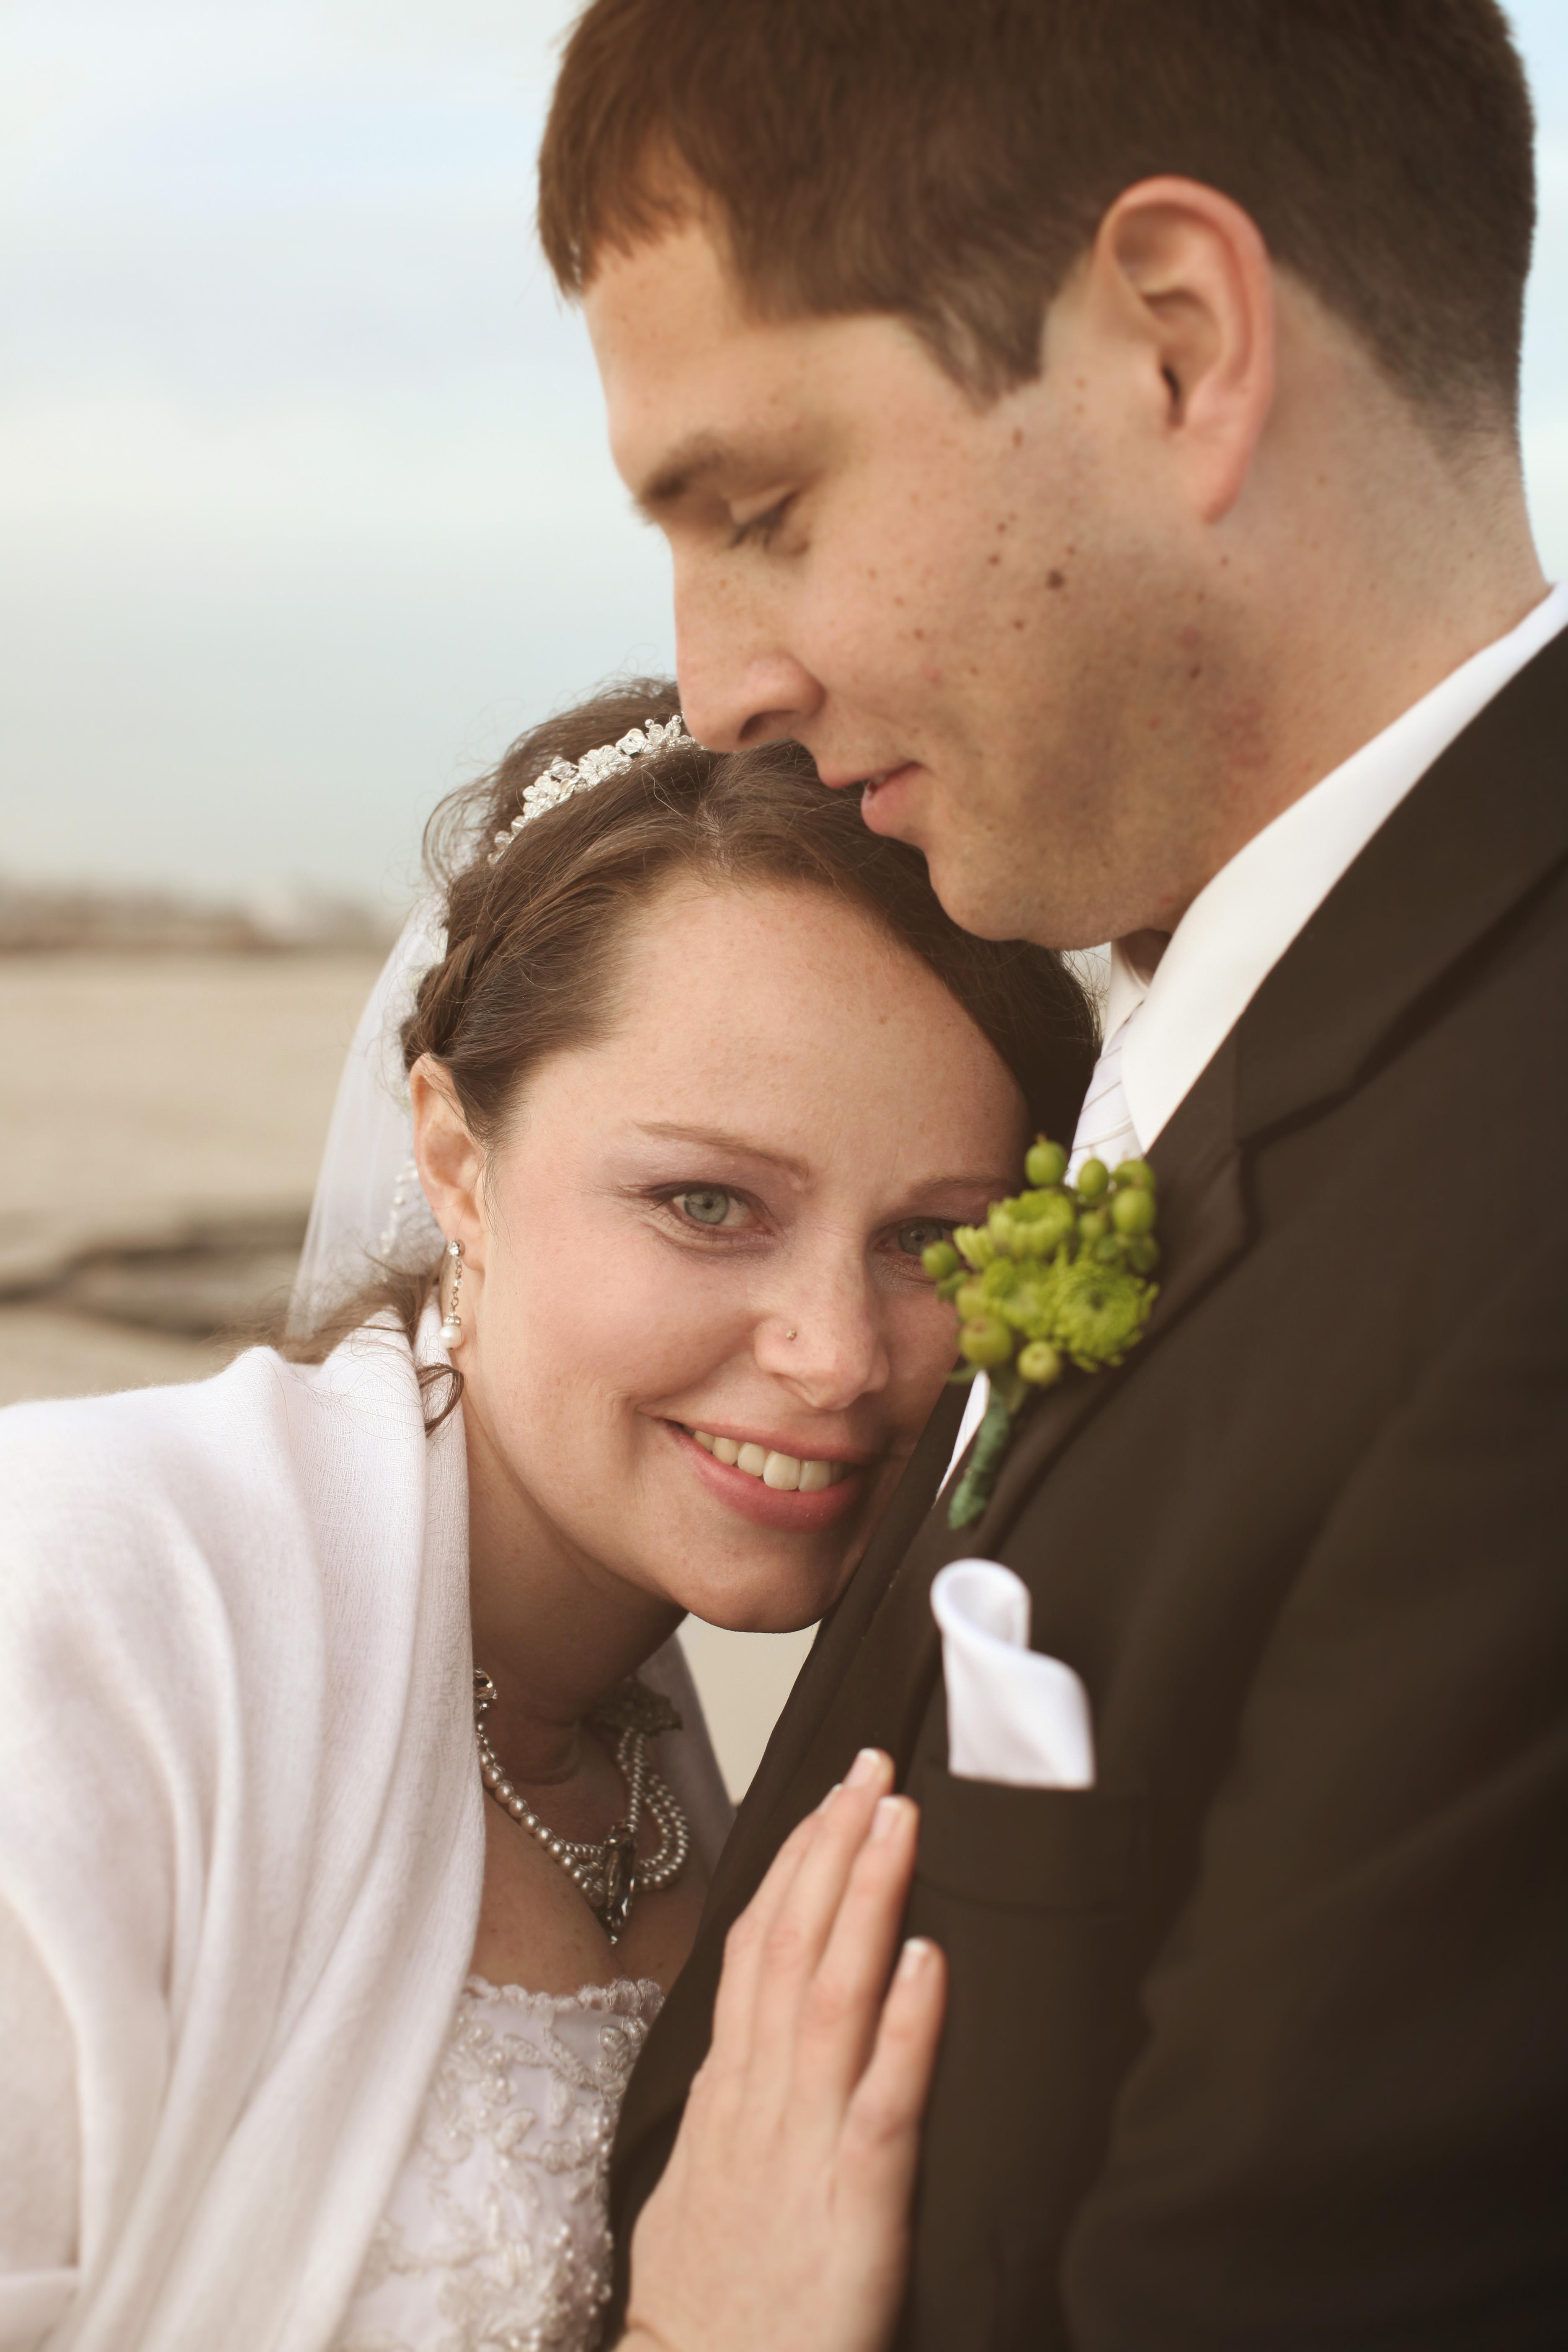 c_s_weddingflick2011_026